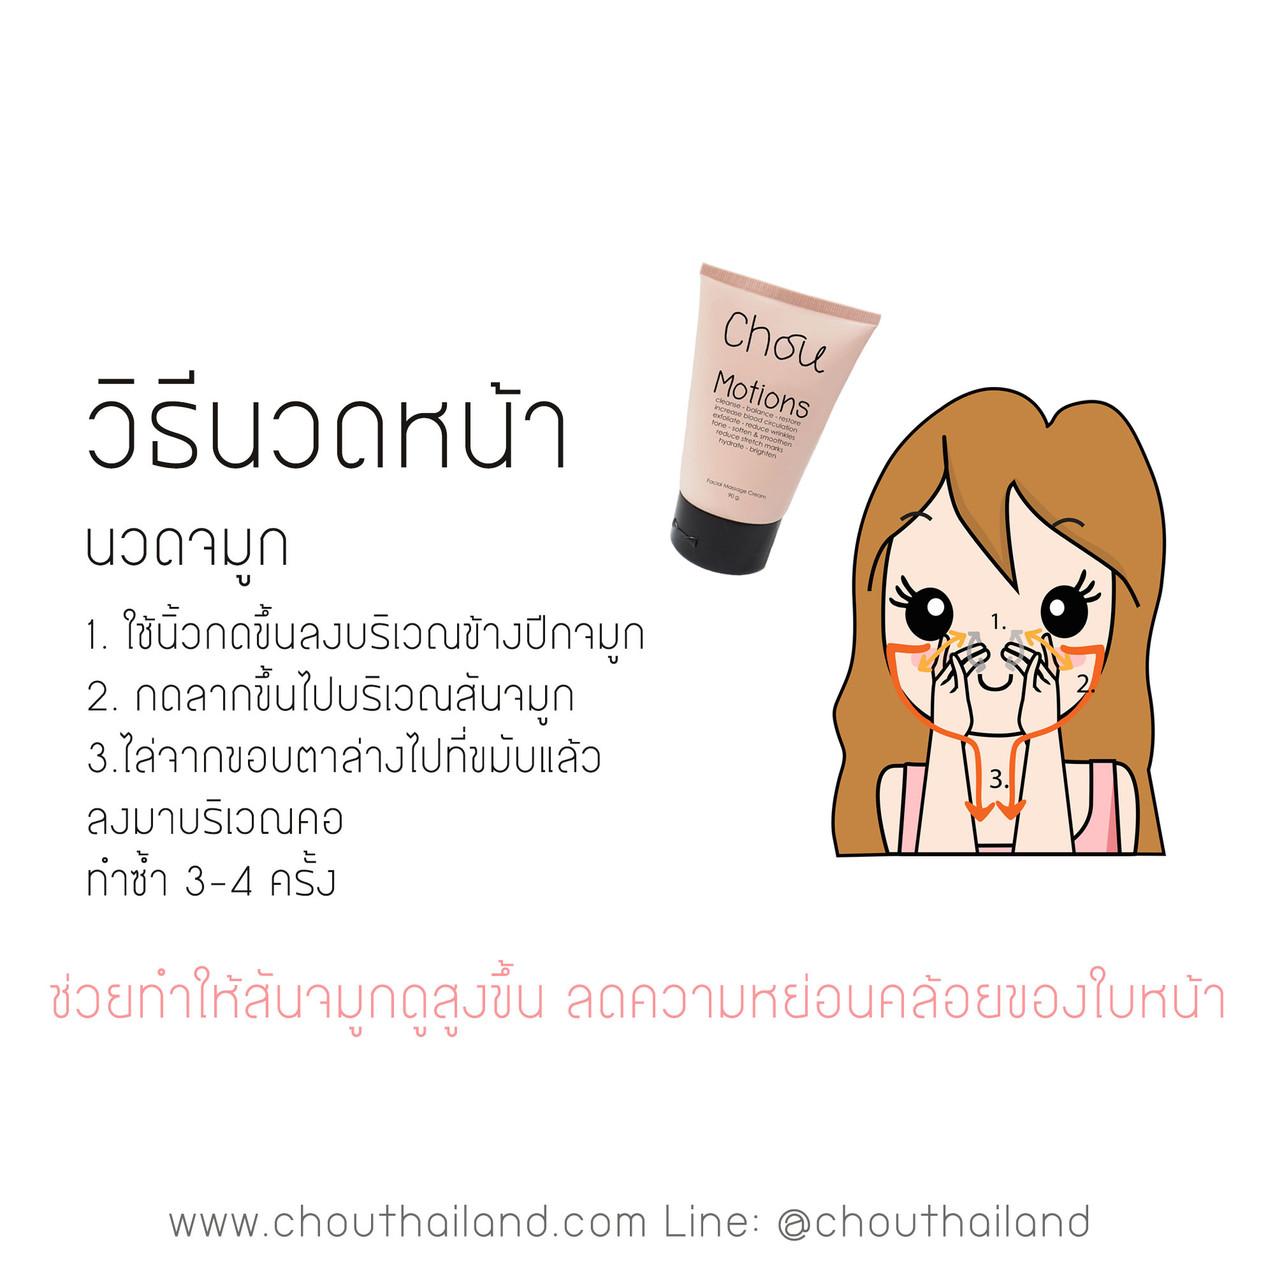 Motions Massage cream 5 nose massage